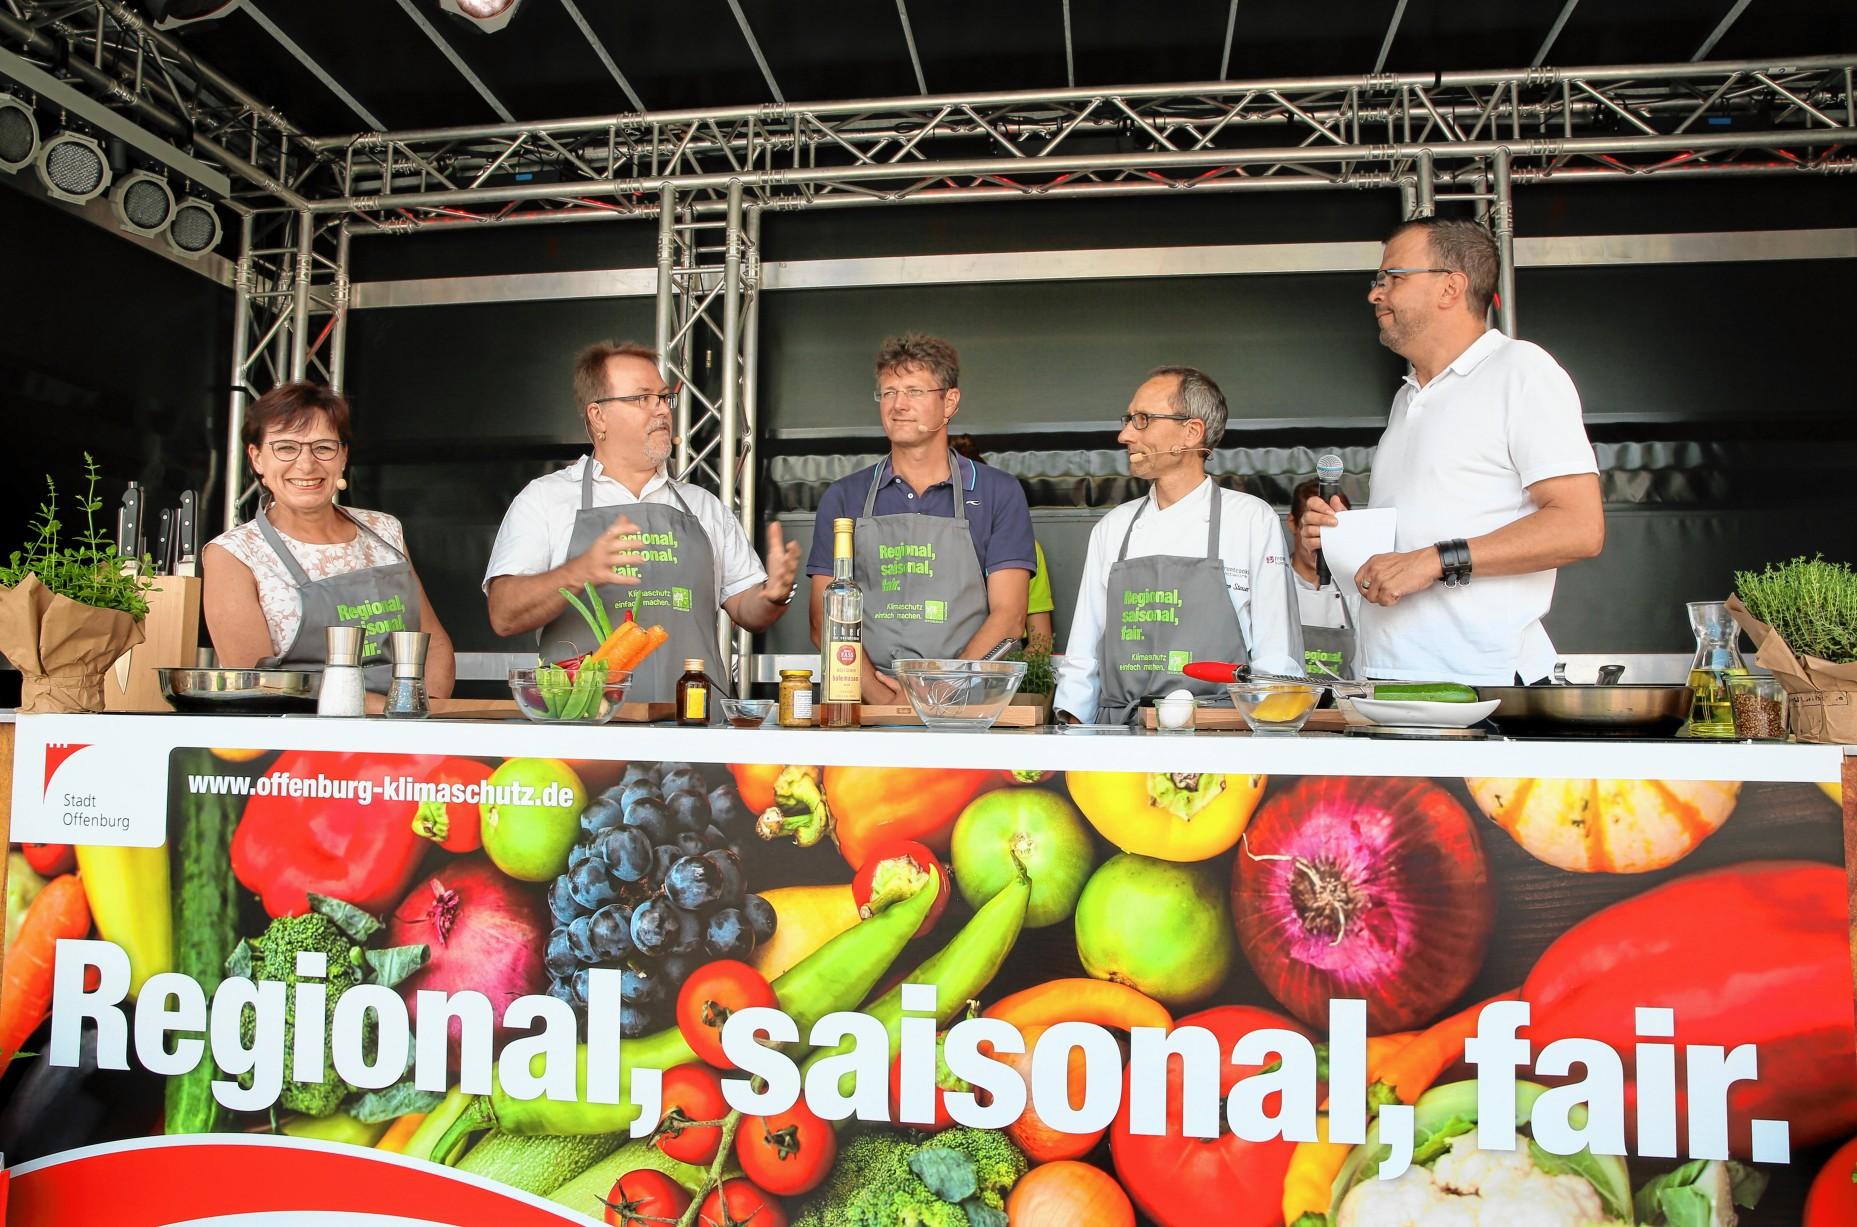 Offenburg Offenburger Rathaus-Spitze kocht für den Klimaschutz ...